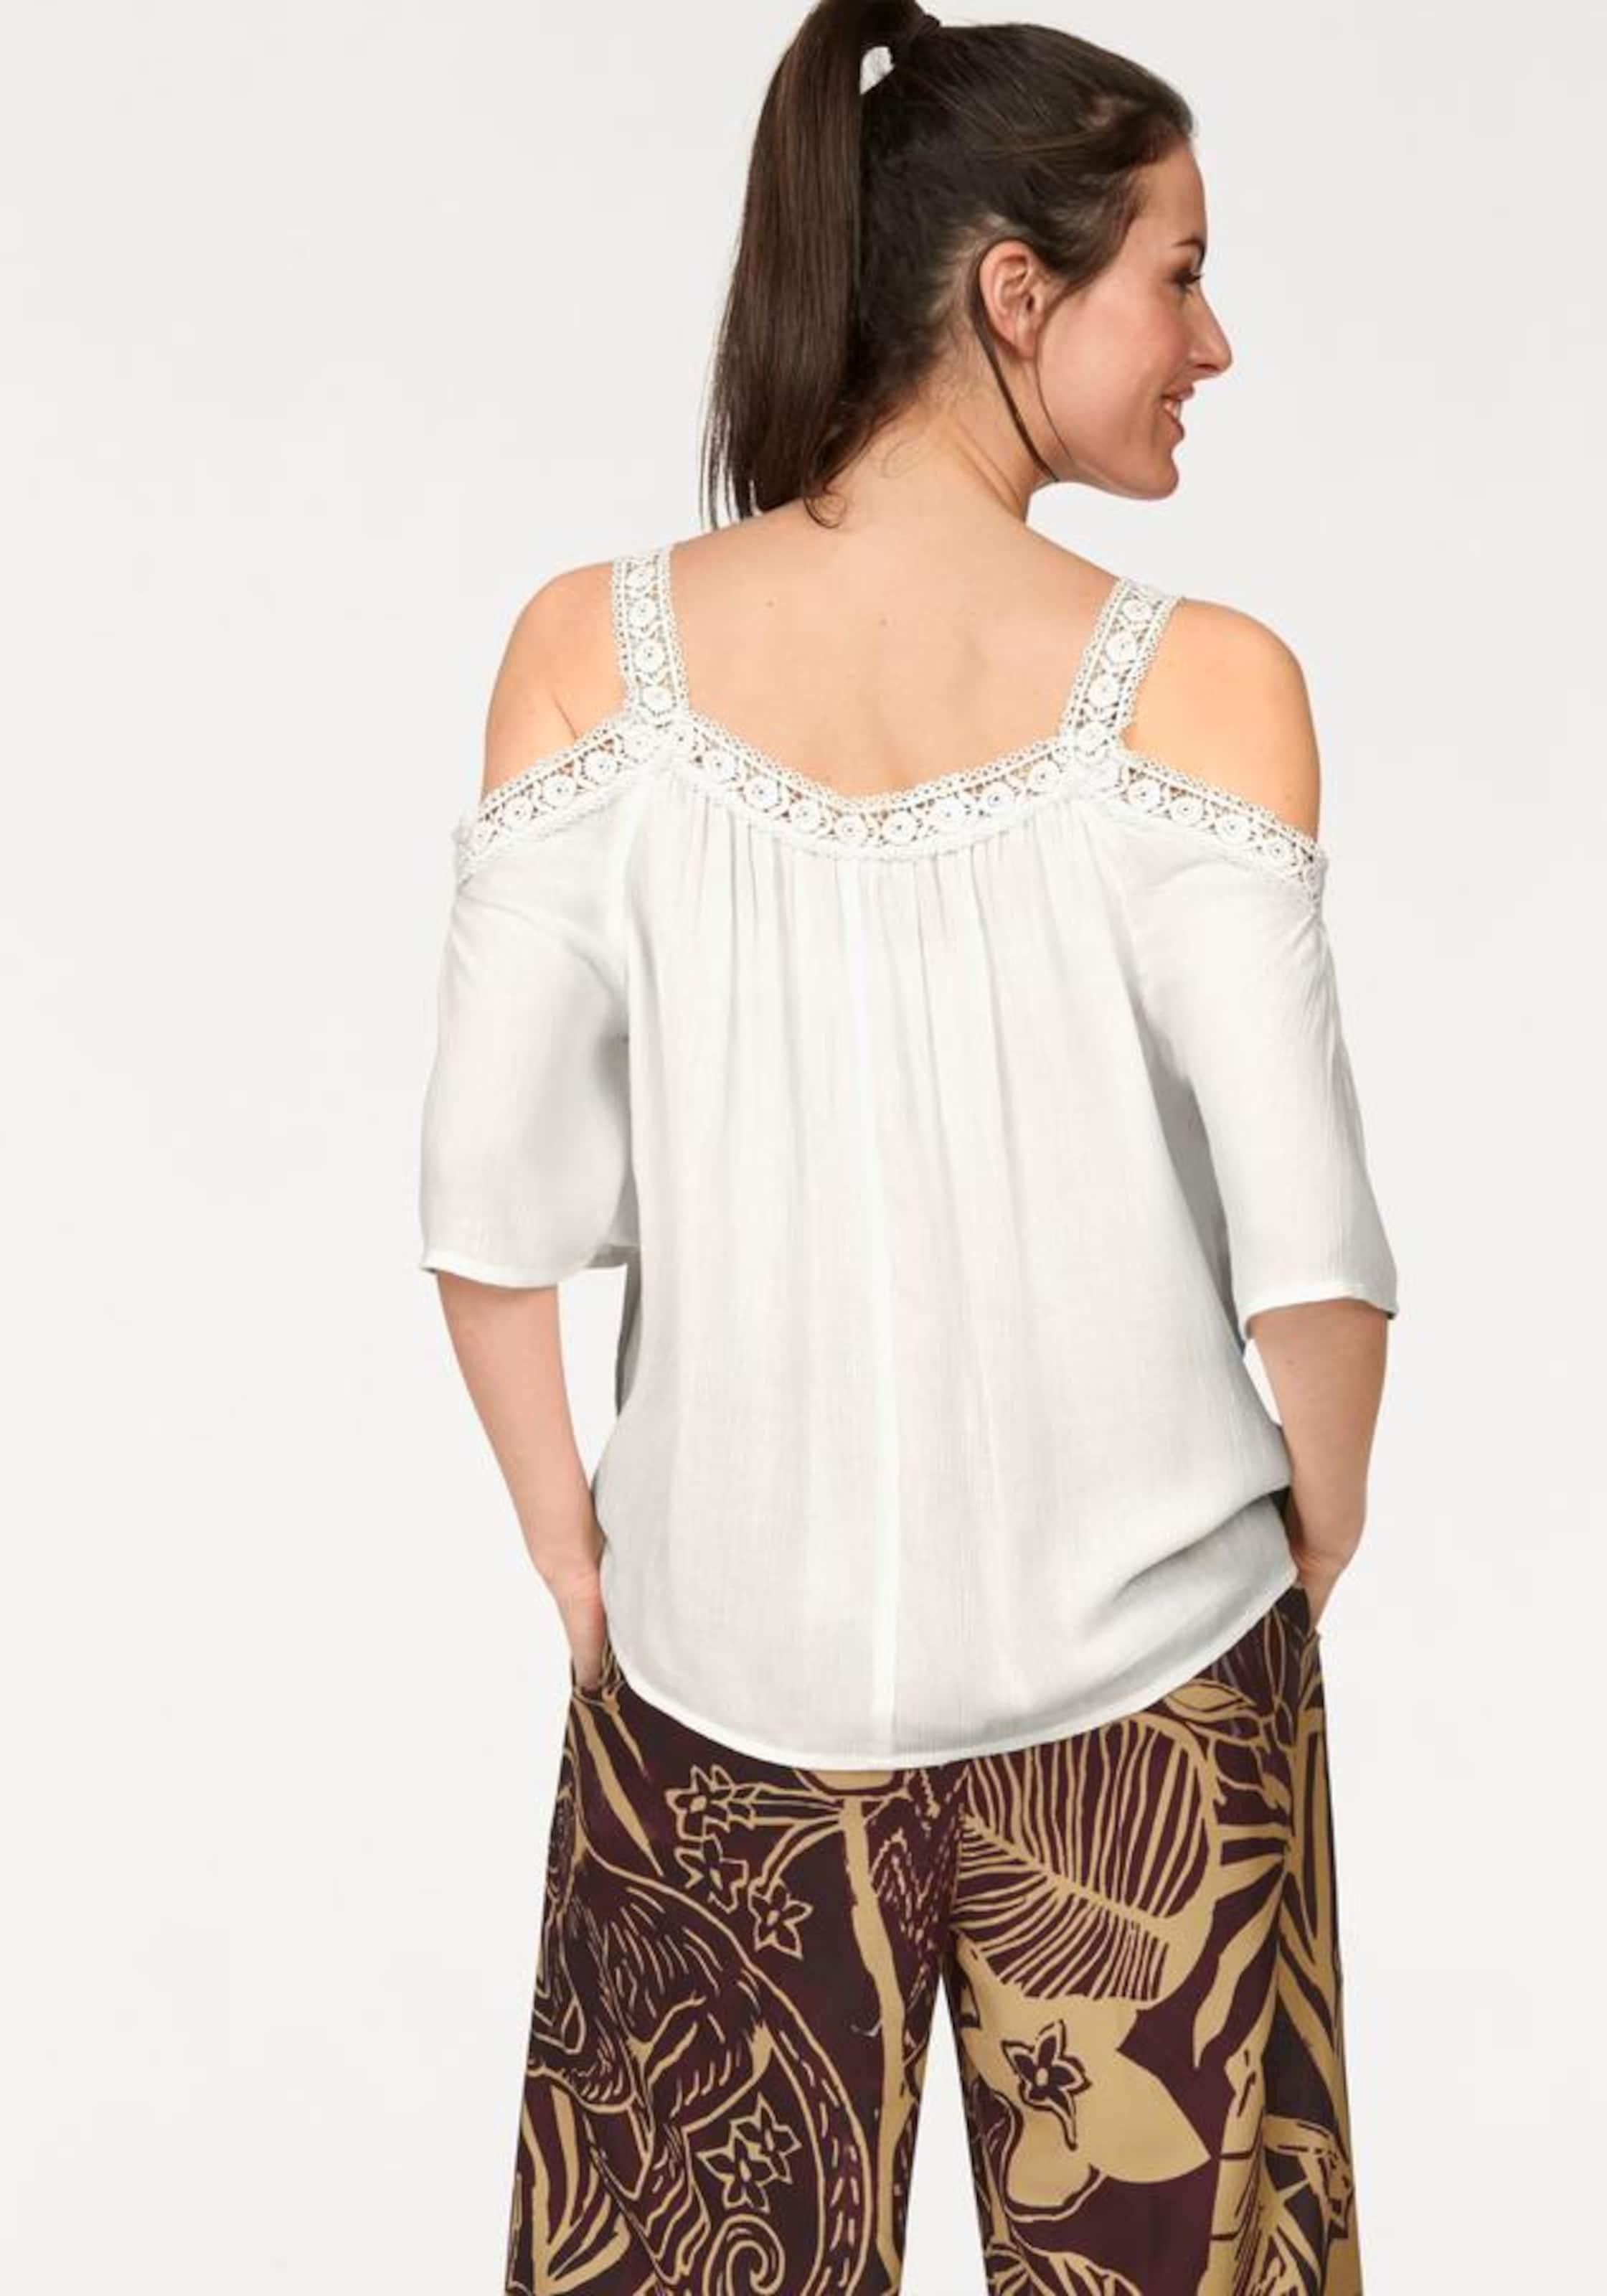 Holen Sie Sich Die Neueste Mode ANISTON Bluse Marktfähig Günstiger Preis 7fBhZ1